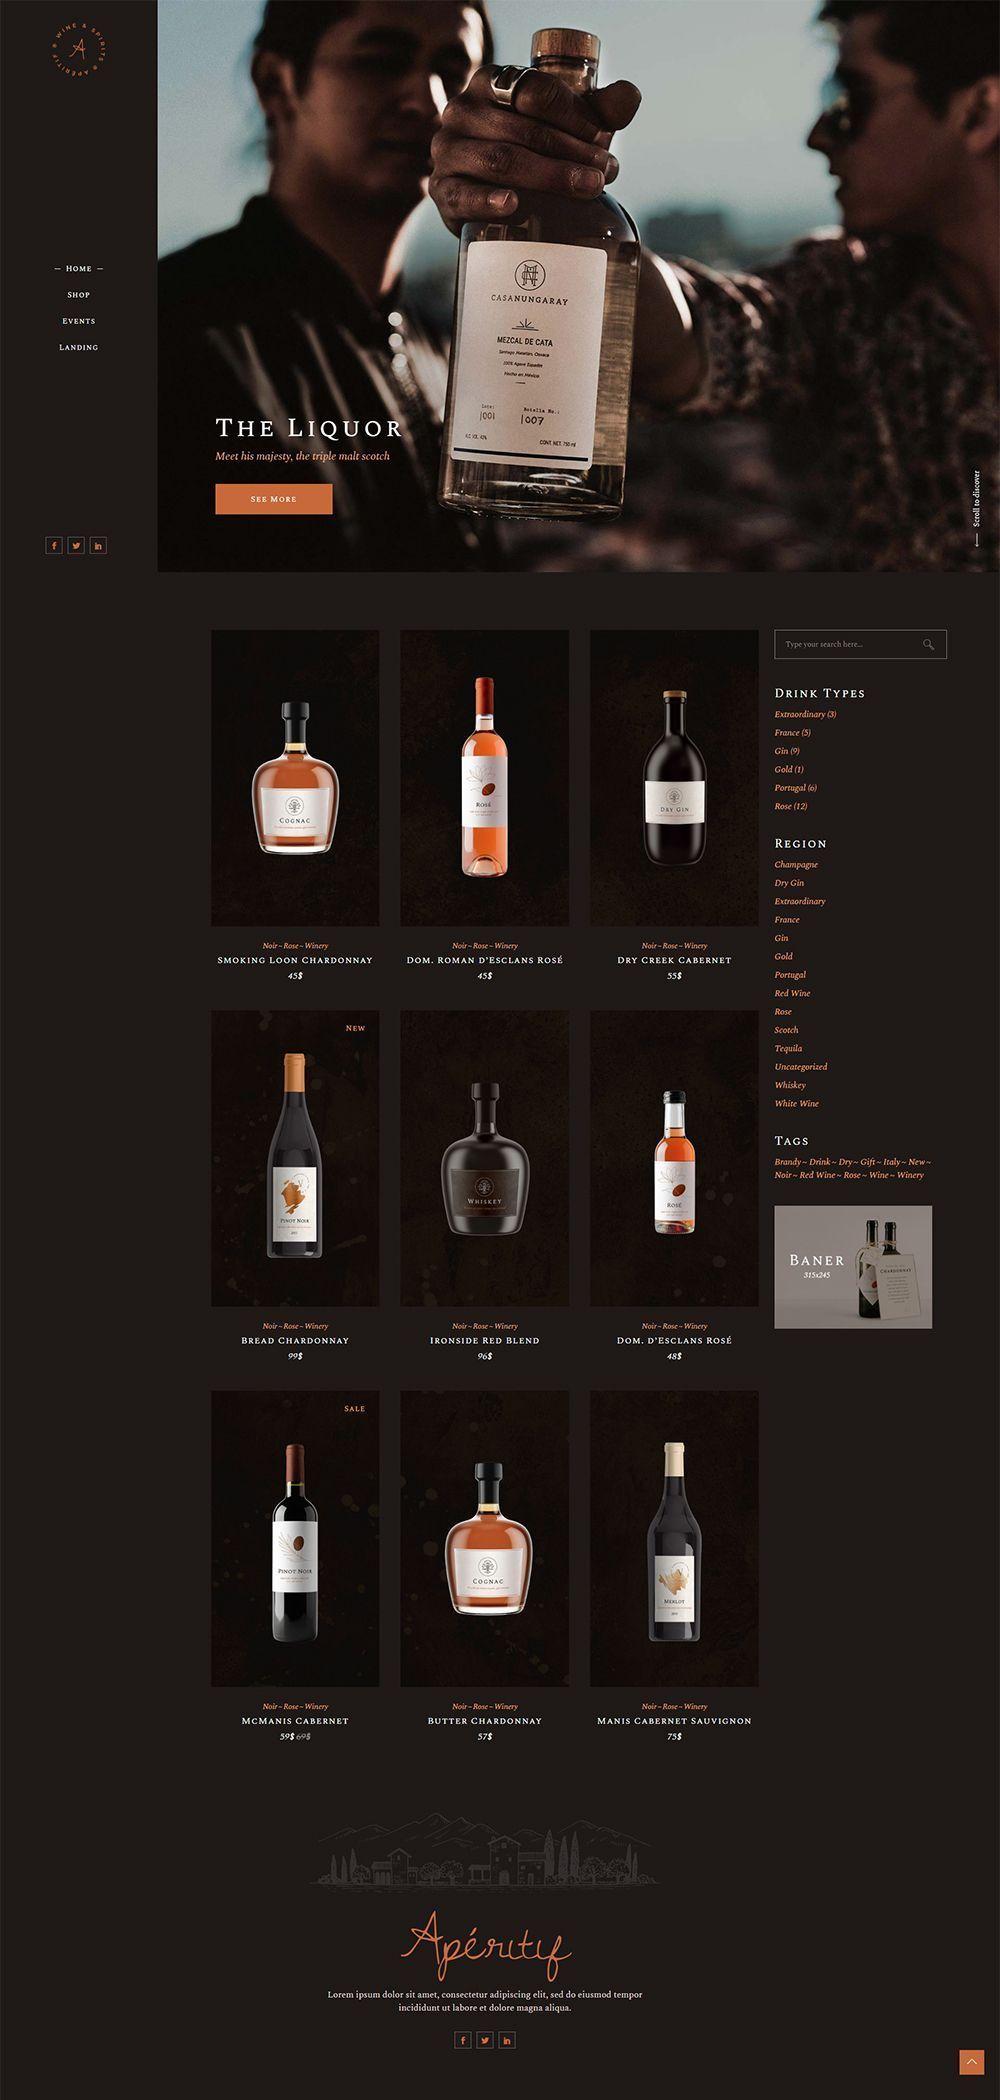 Aperifit Liquor Store in 2020 Liquor store, Online